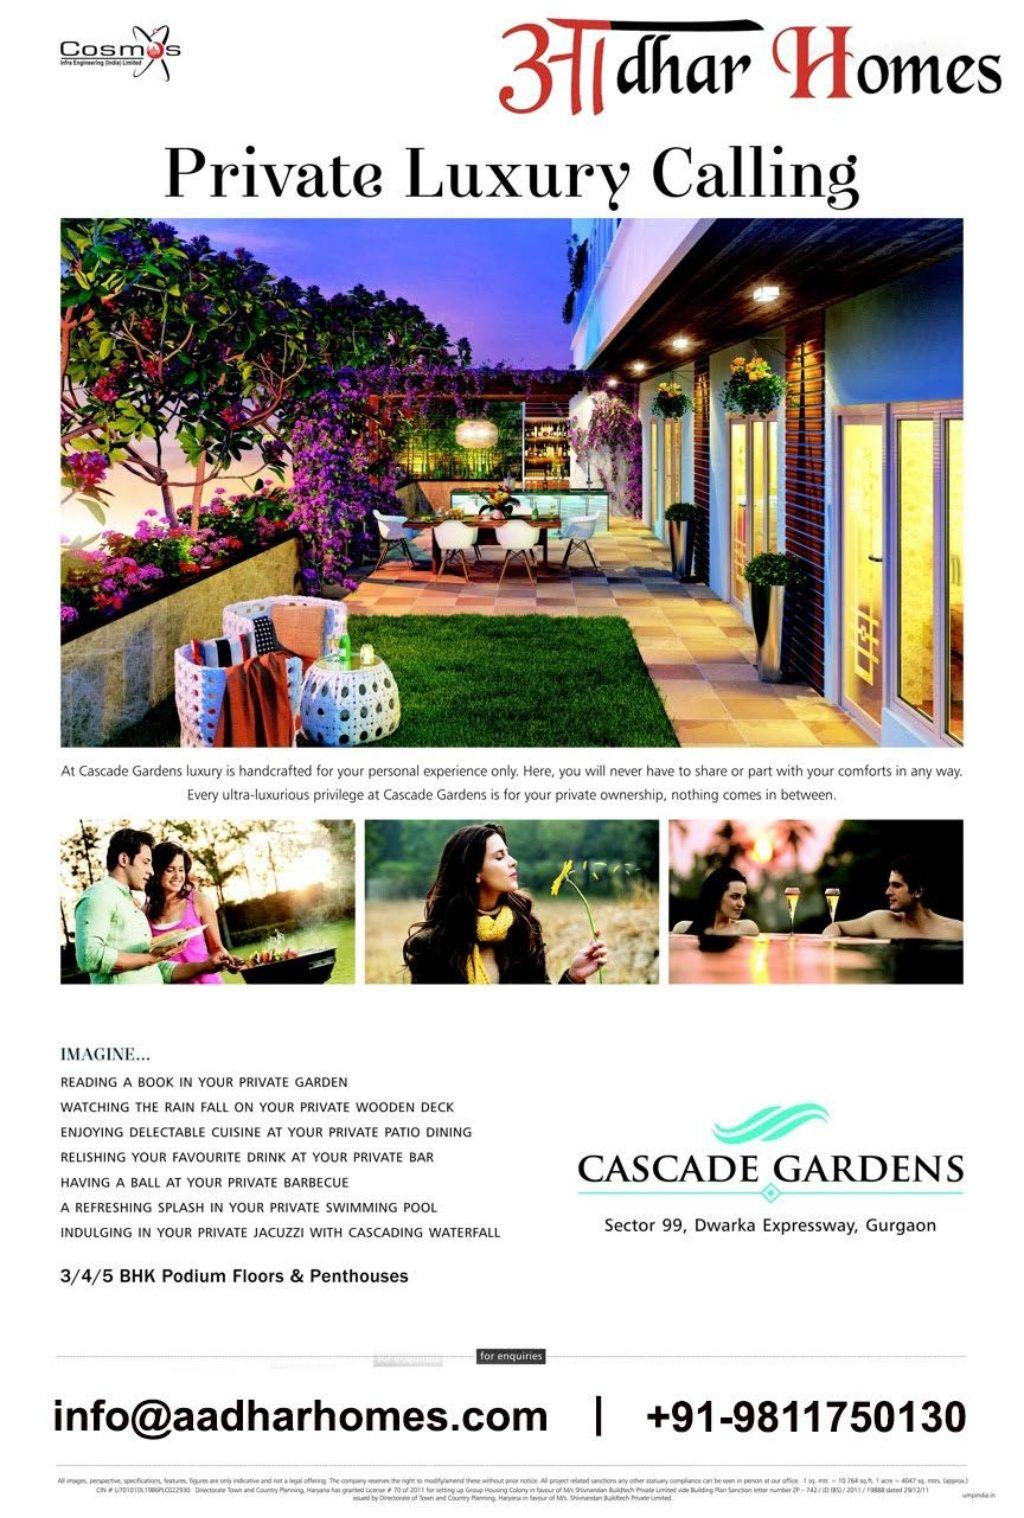 Cosmos Cascade Gardens in Sector99 Dwarka Expressway